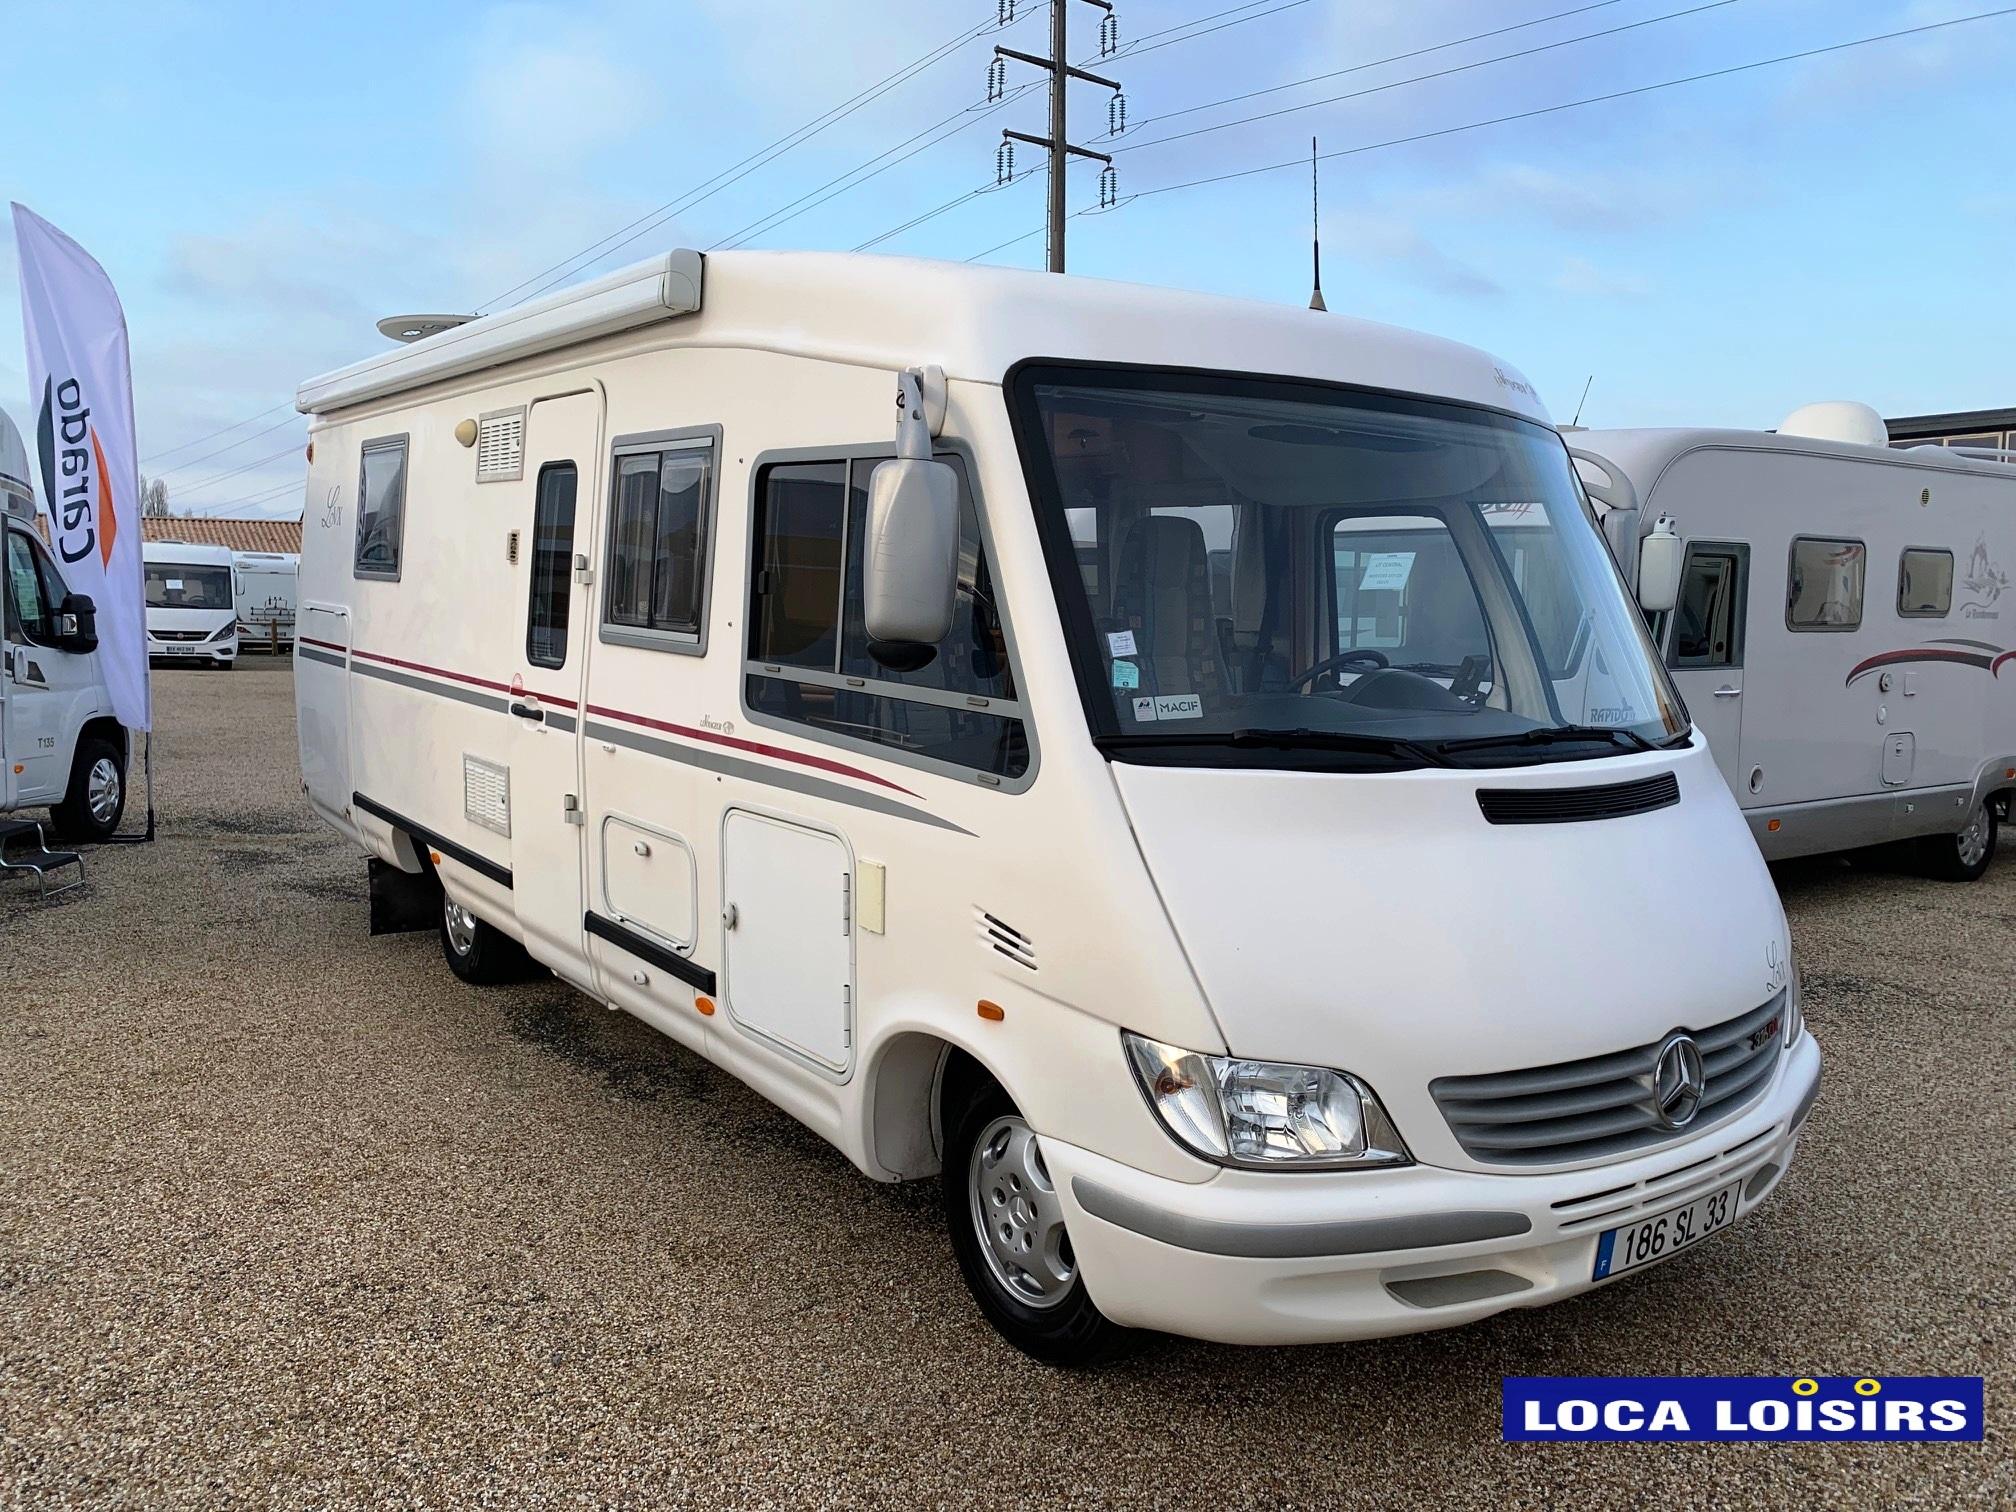 Le Voyageur Lvx 850 Lit Central - 1